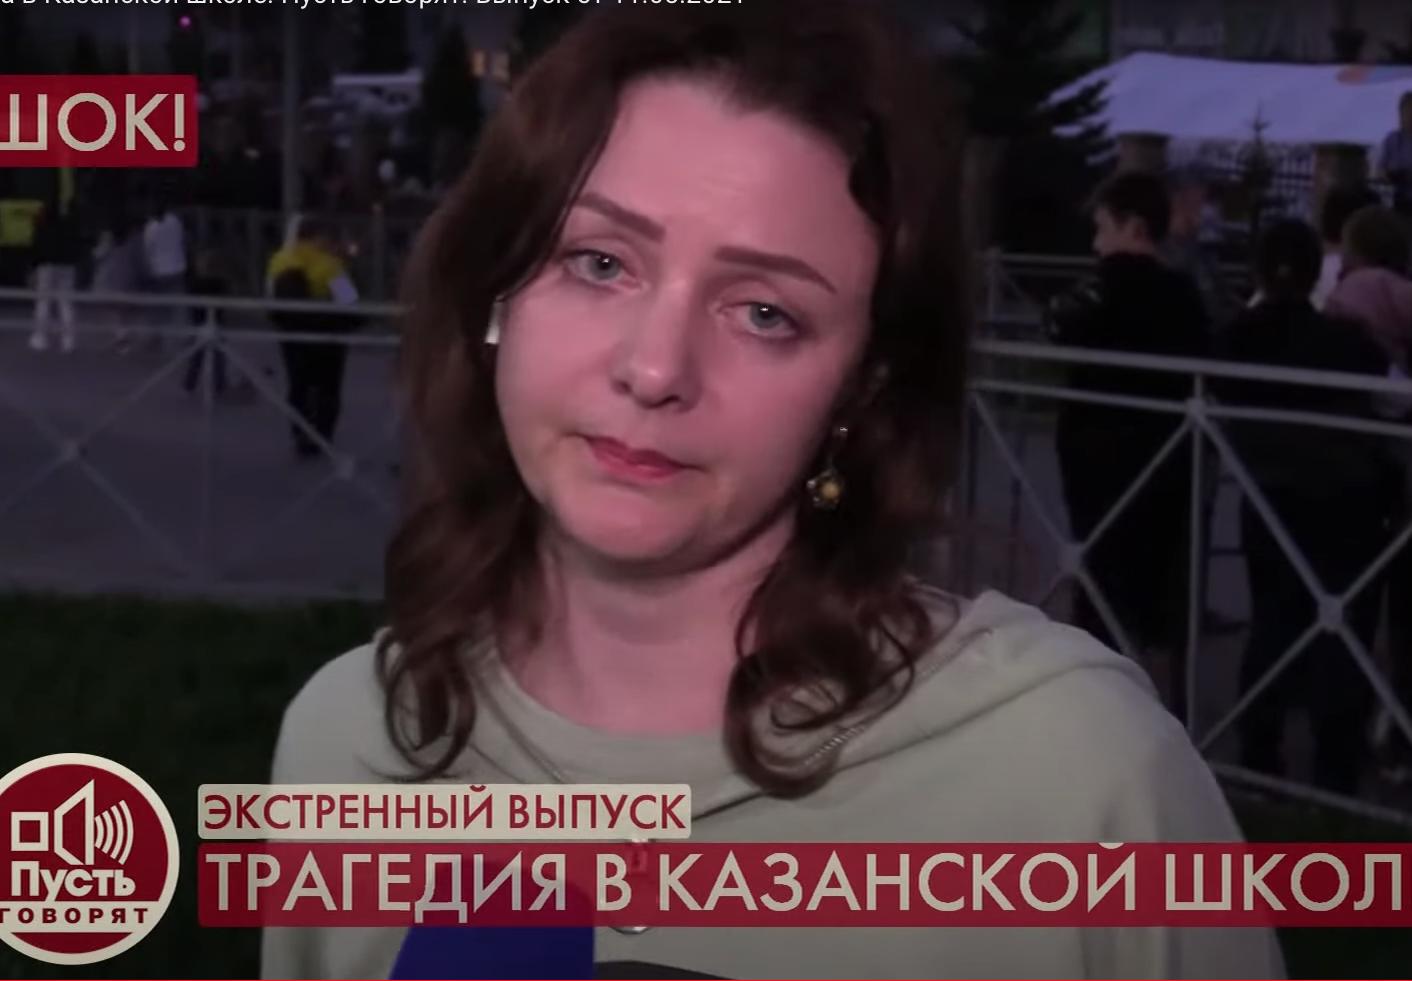 """Скриншот © YouTube / """"Пусть говорят"""""""